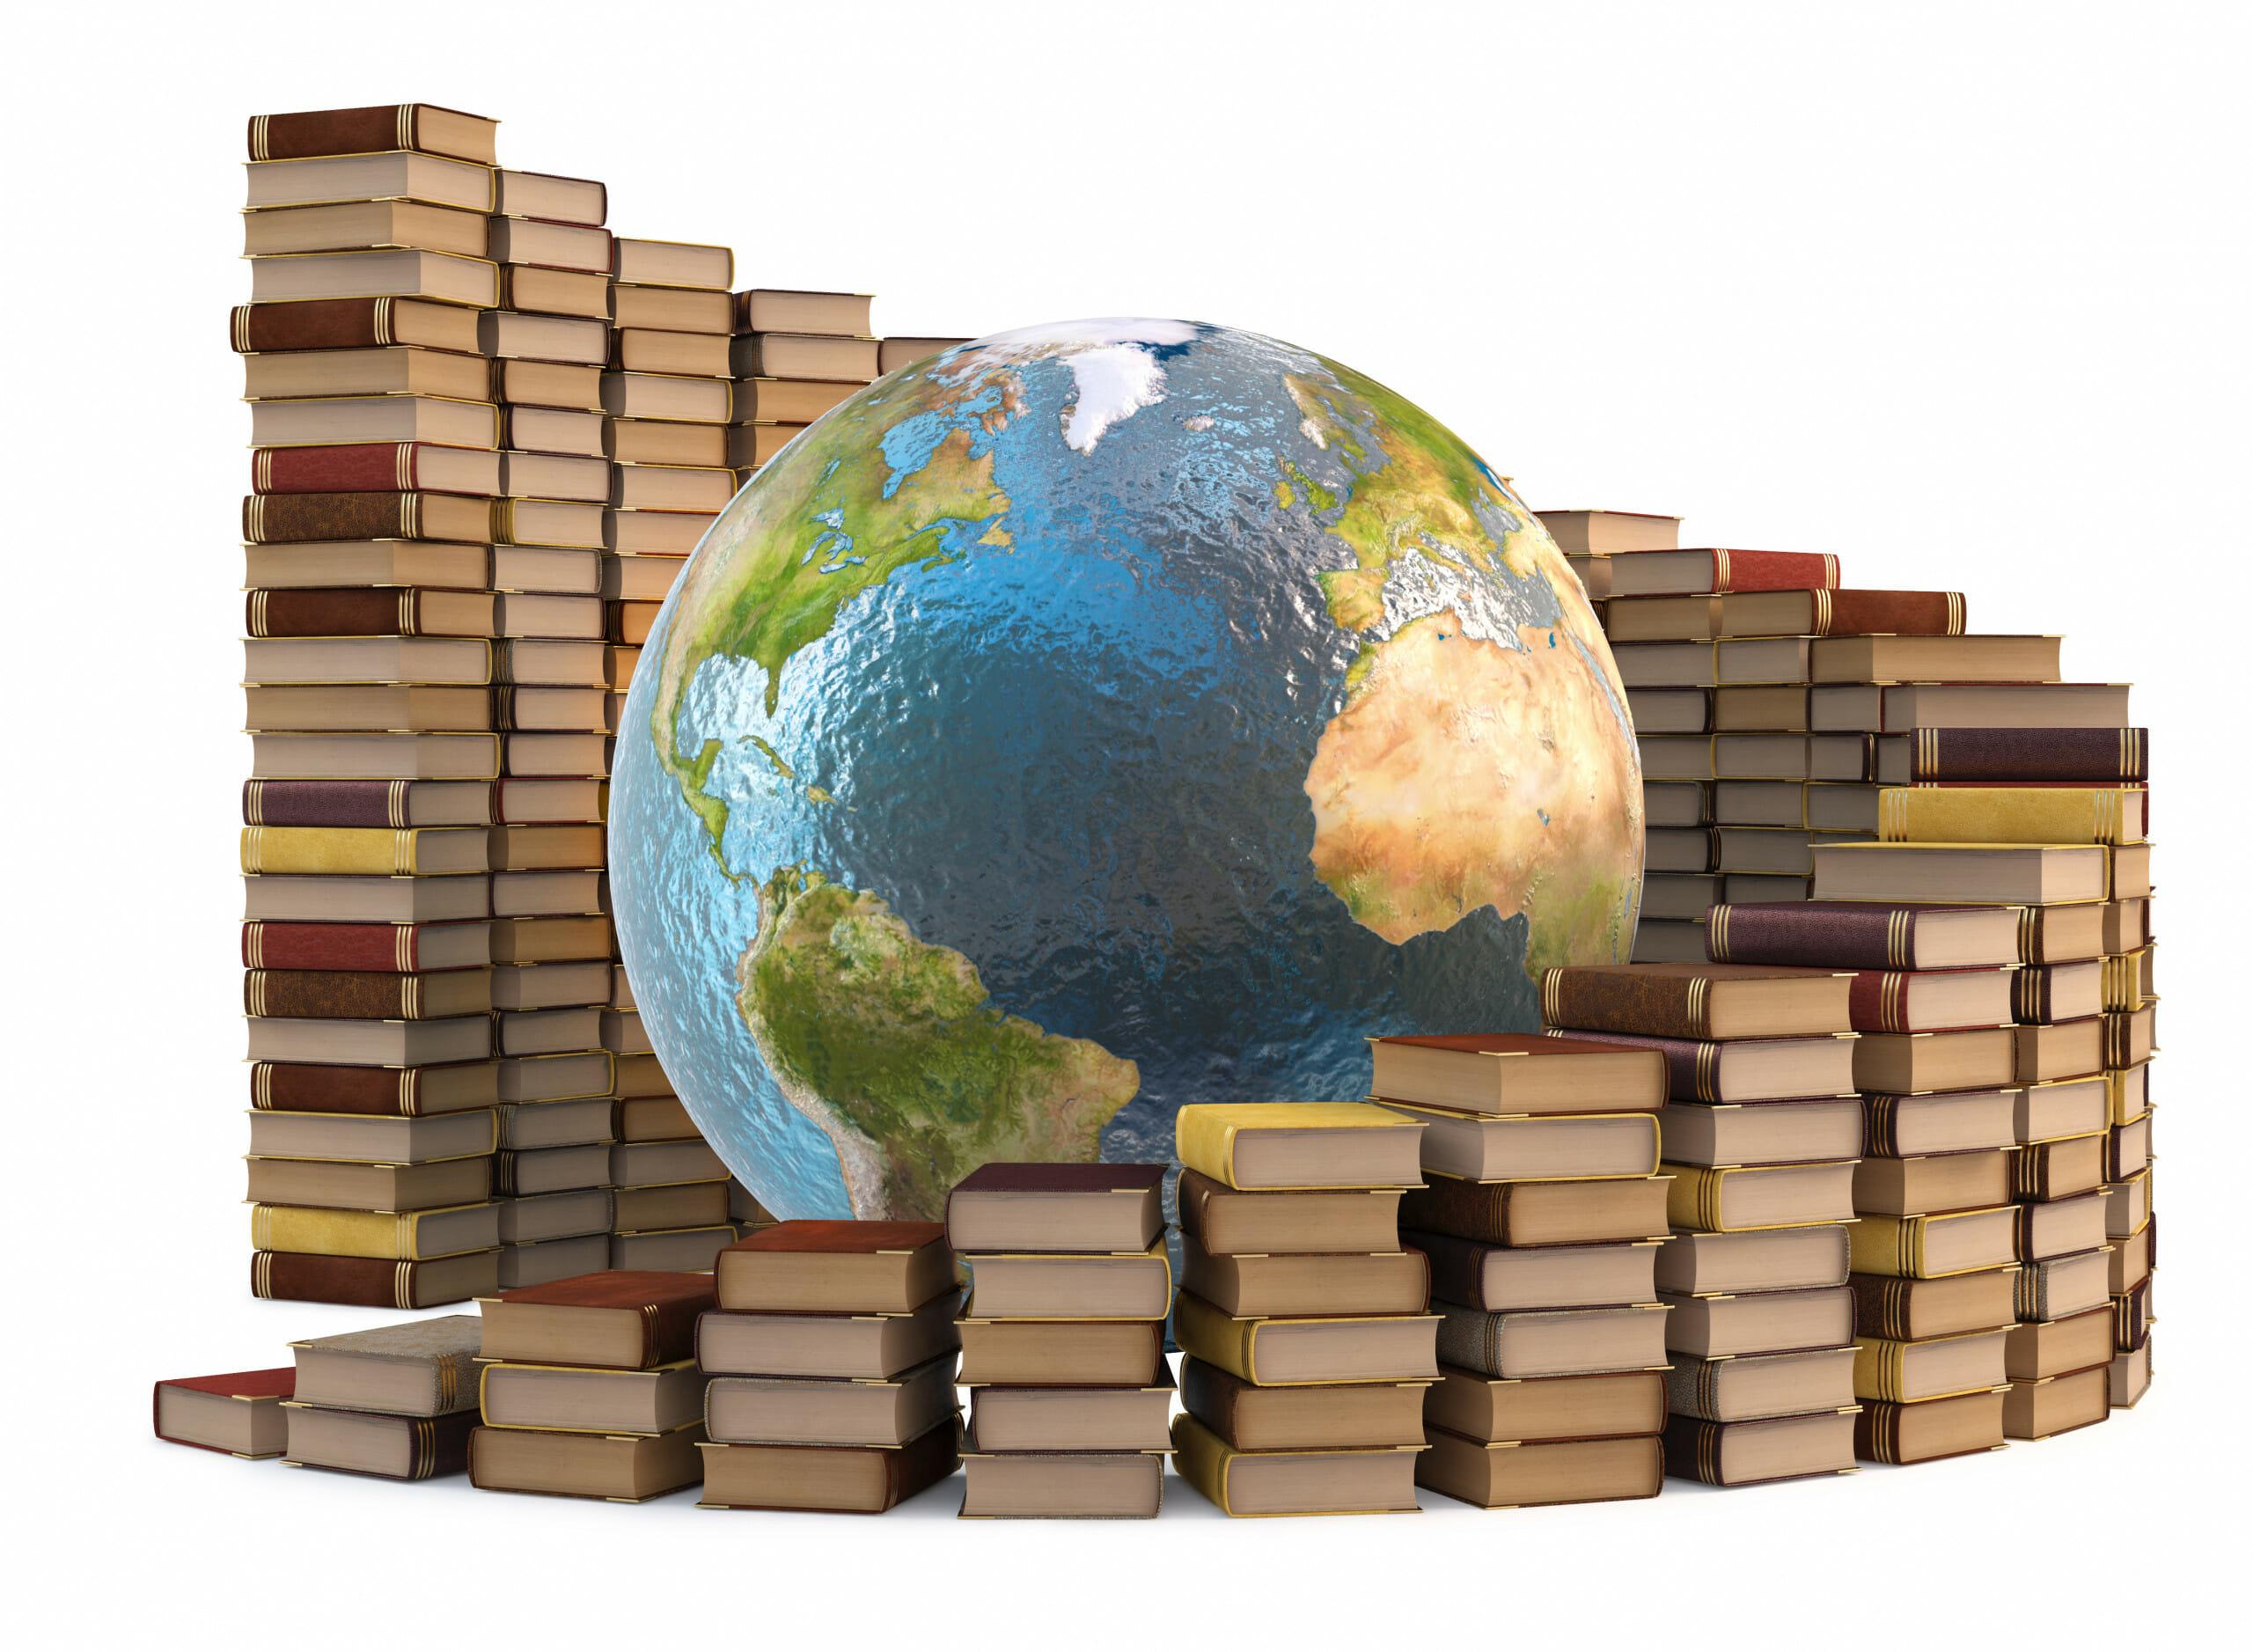 I libri più letti e consigliati ora all'estero (e perché)